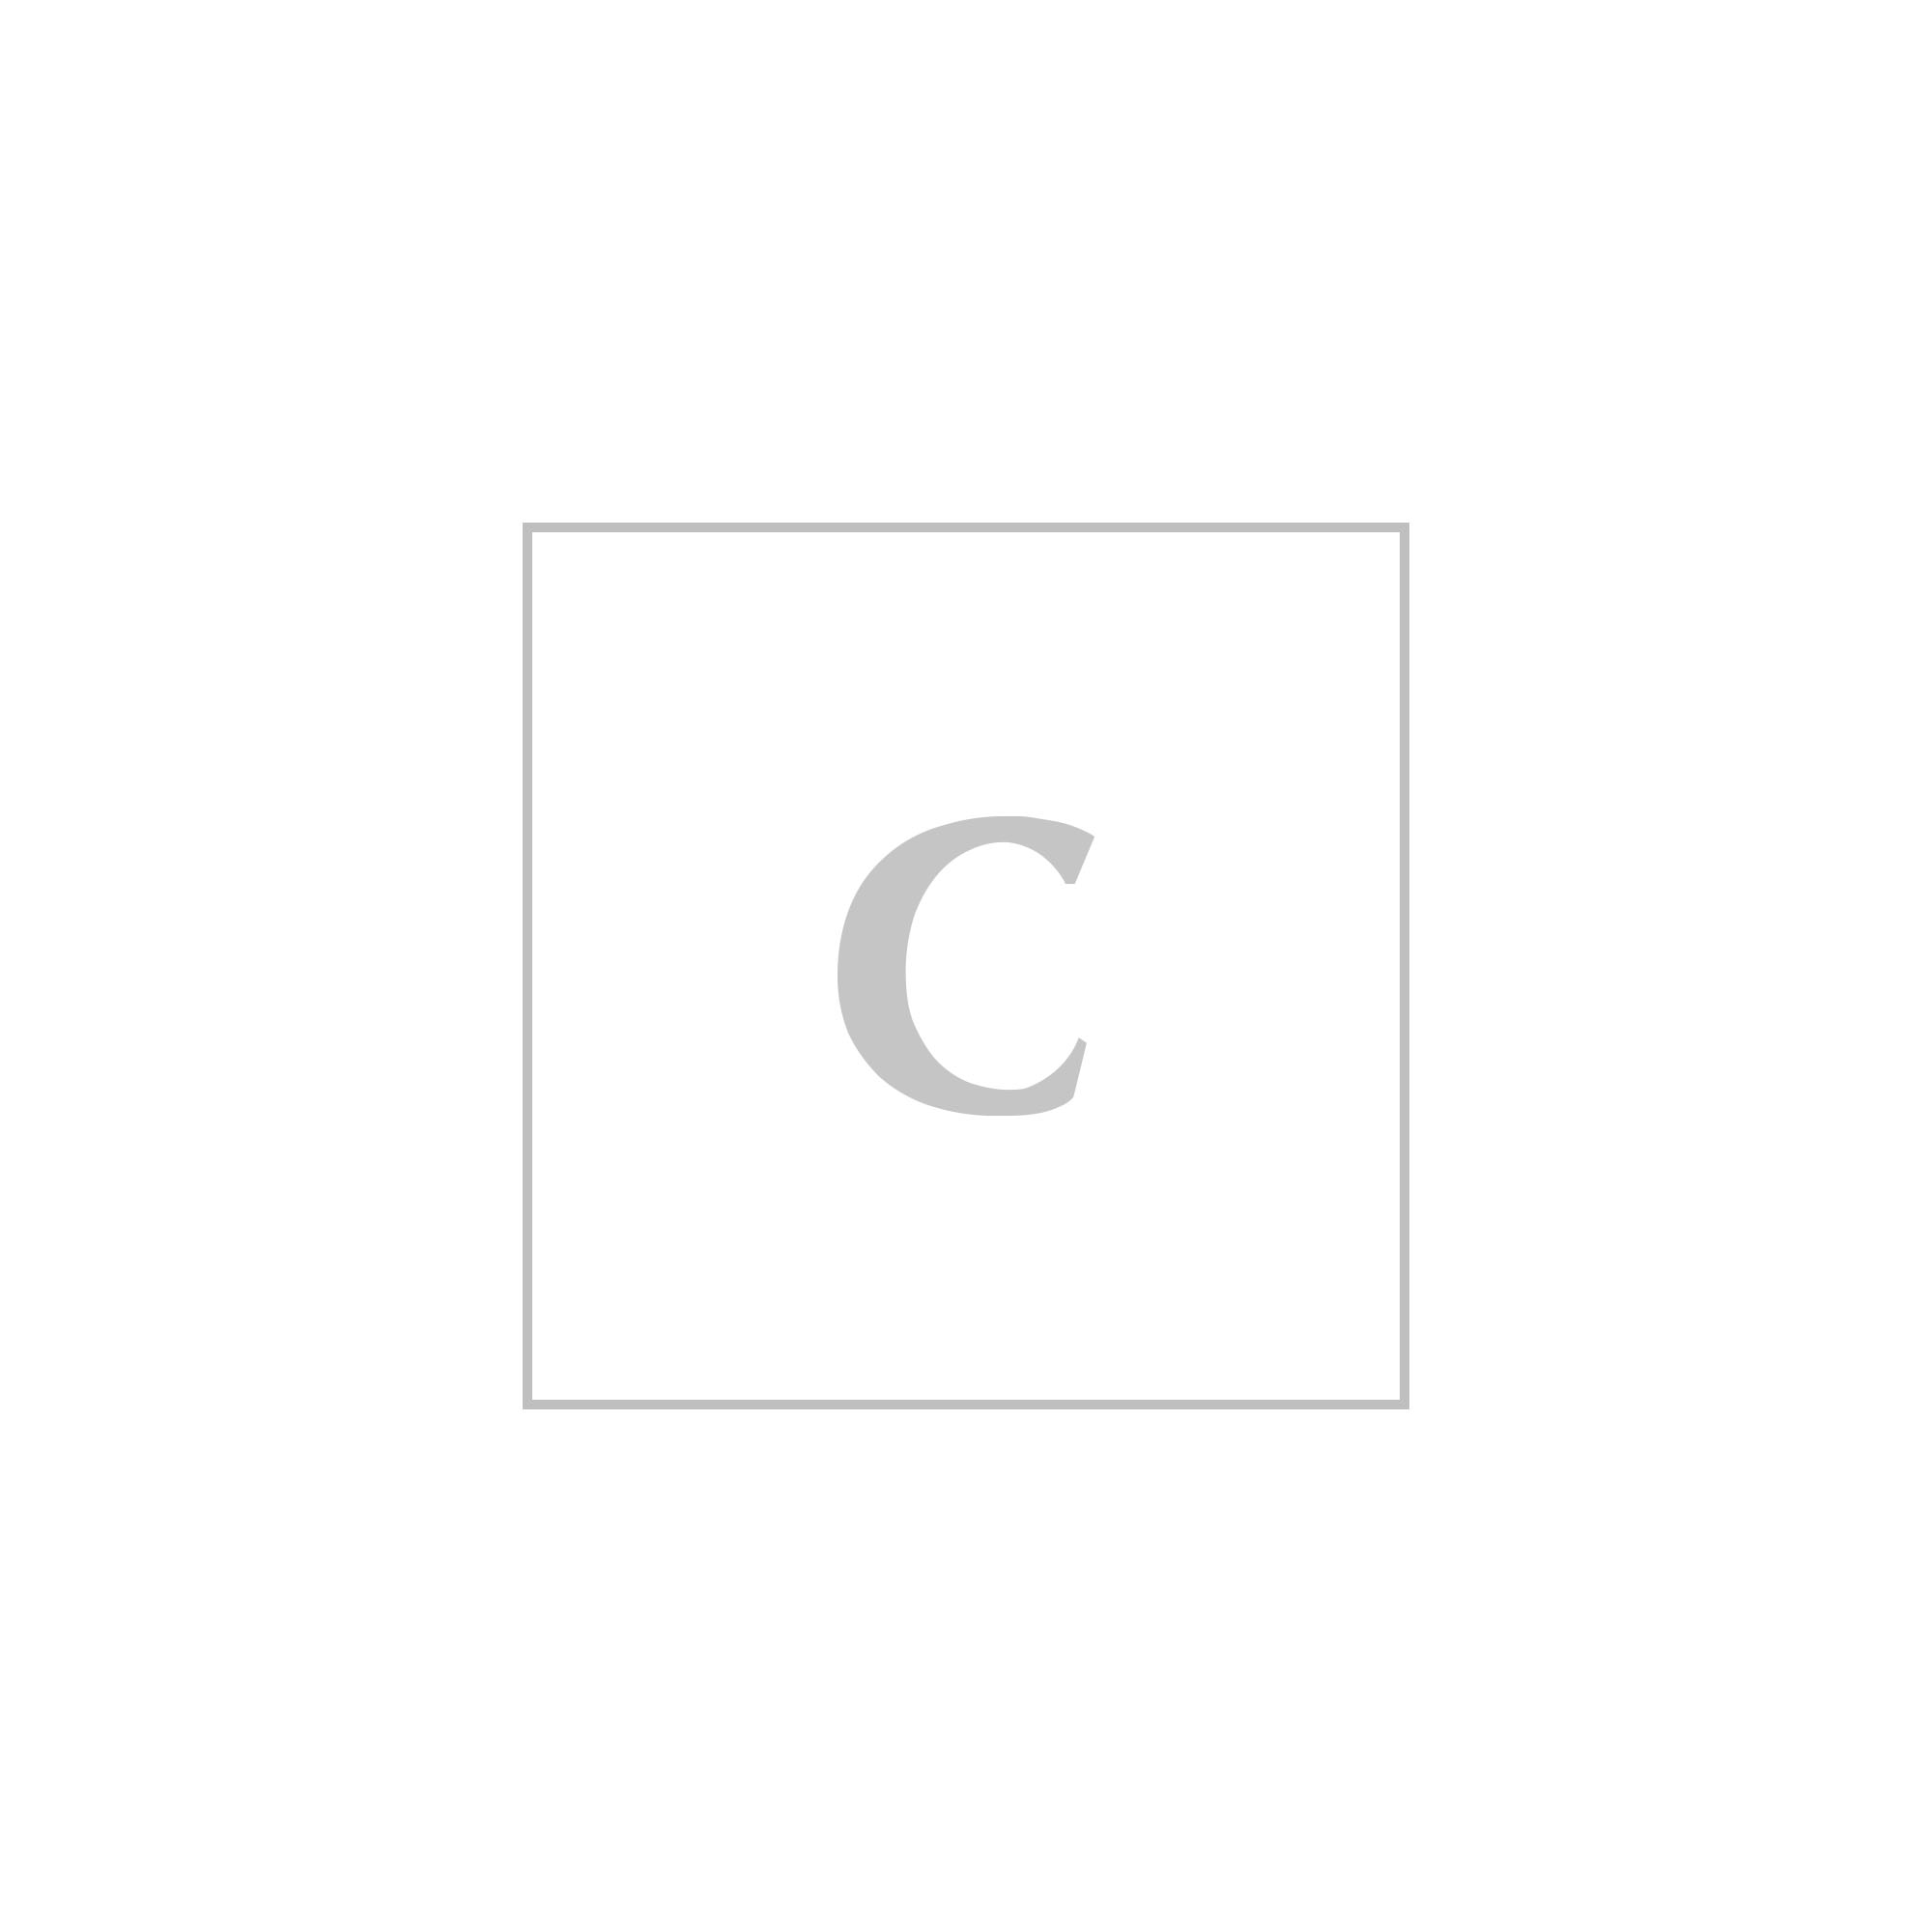 Saint laurent ysl monogram grain de poudre bag